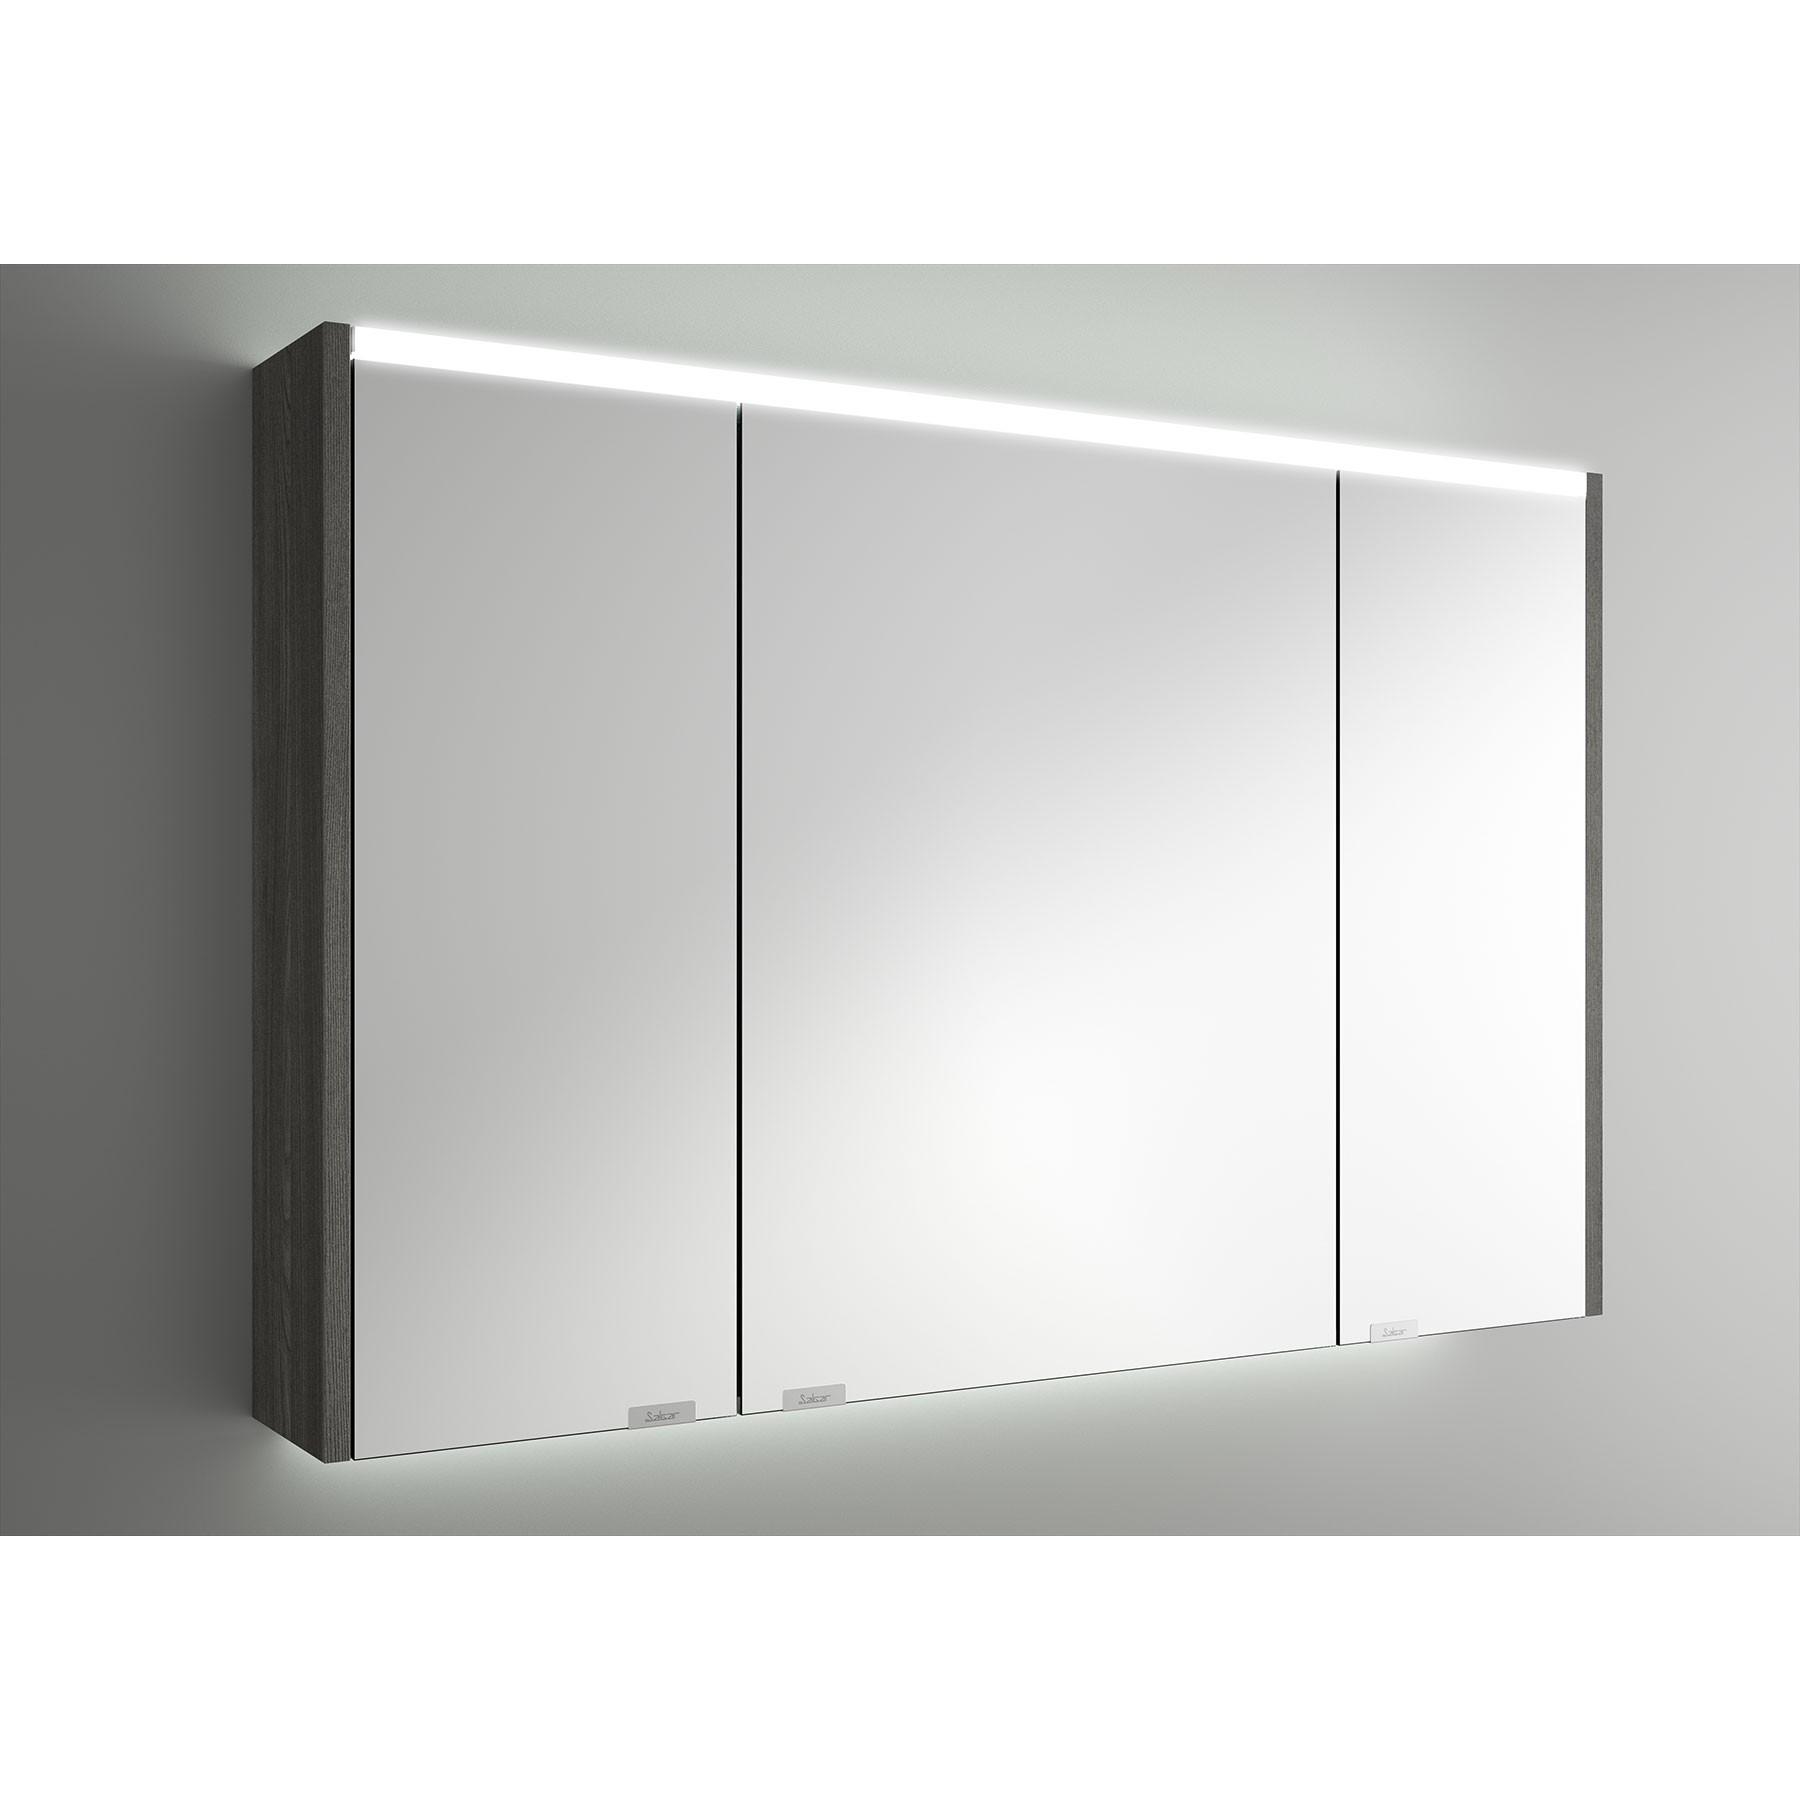 armoire alliance 1000 alsace 3 portes miroir double avec interrupteur et prise et lumiere led superieur inferieur ip44 25 5w 1030 x 666 x 150 mm